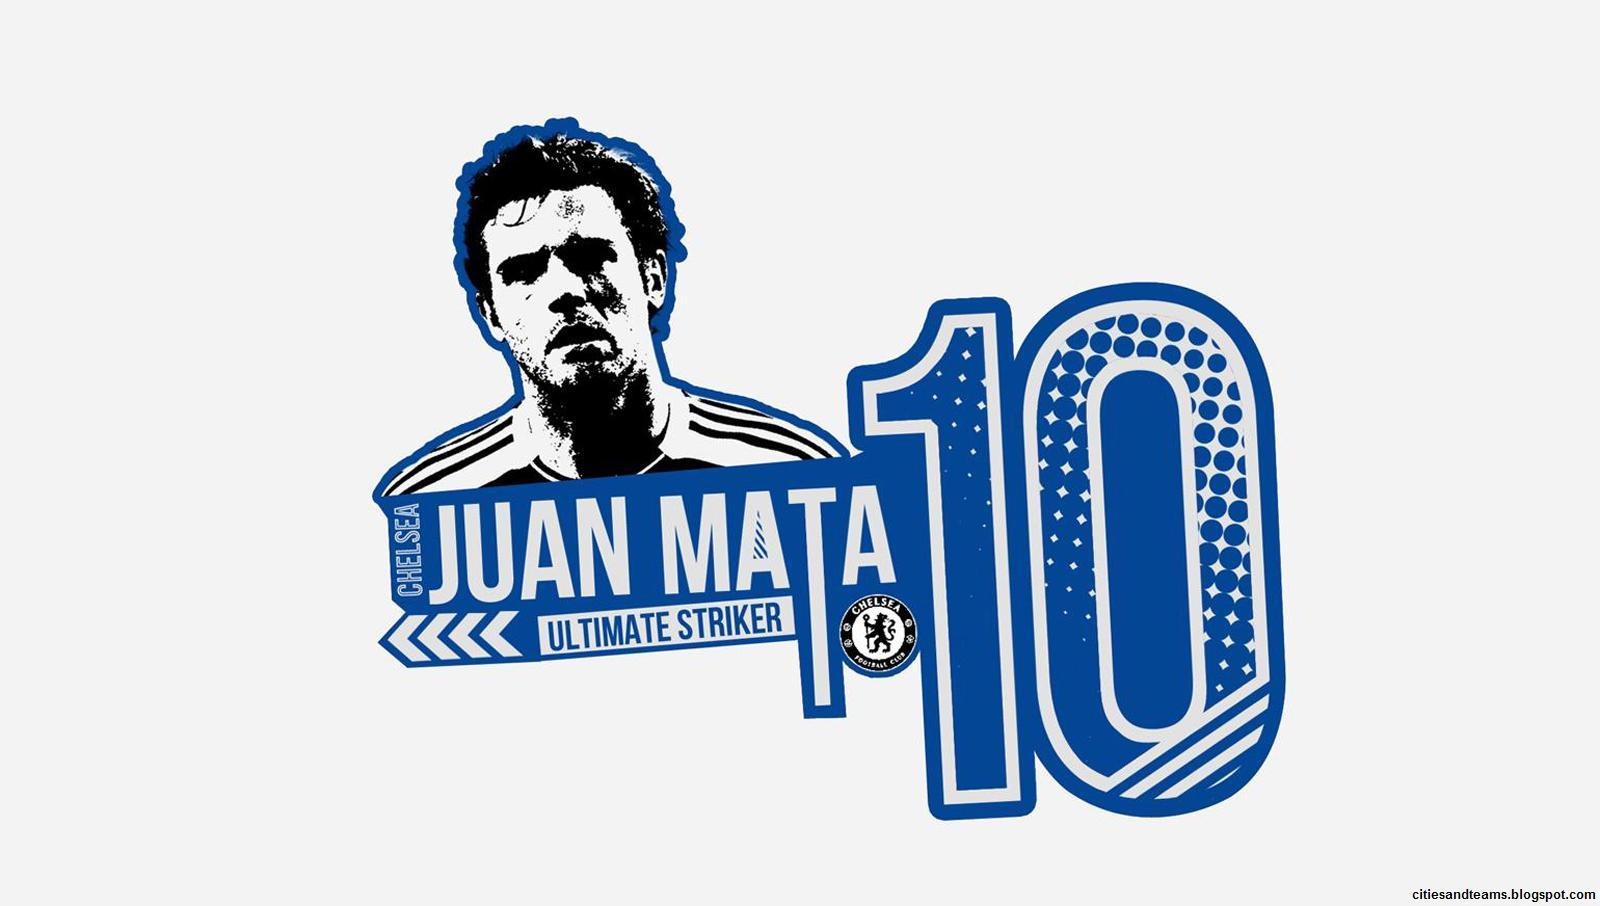 Juan Mata Spanish Creative Spark Chelsea A Touch Of Flair